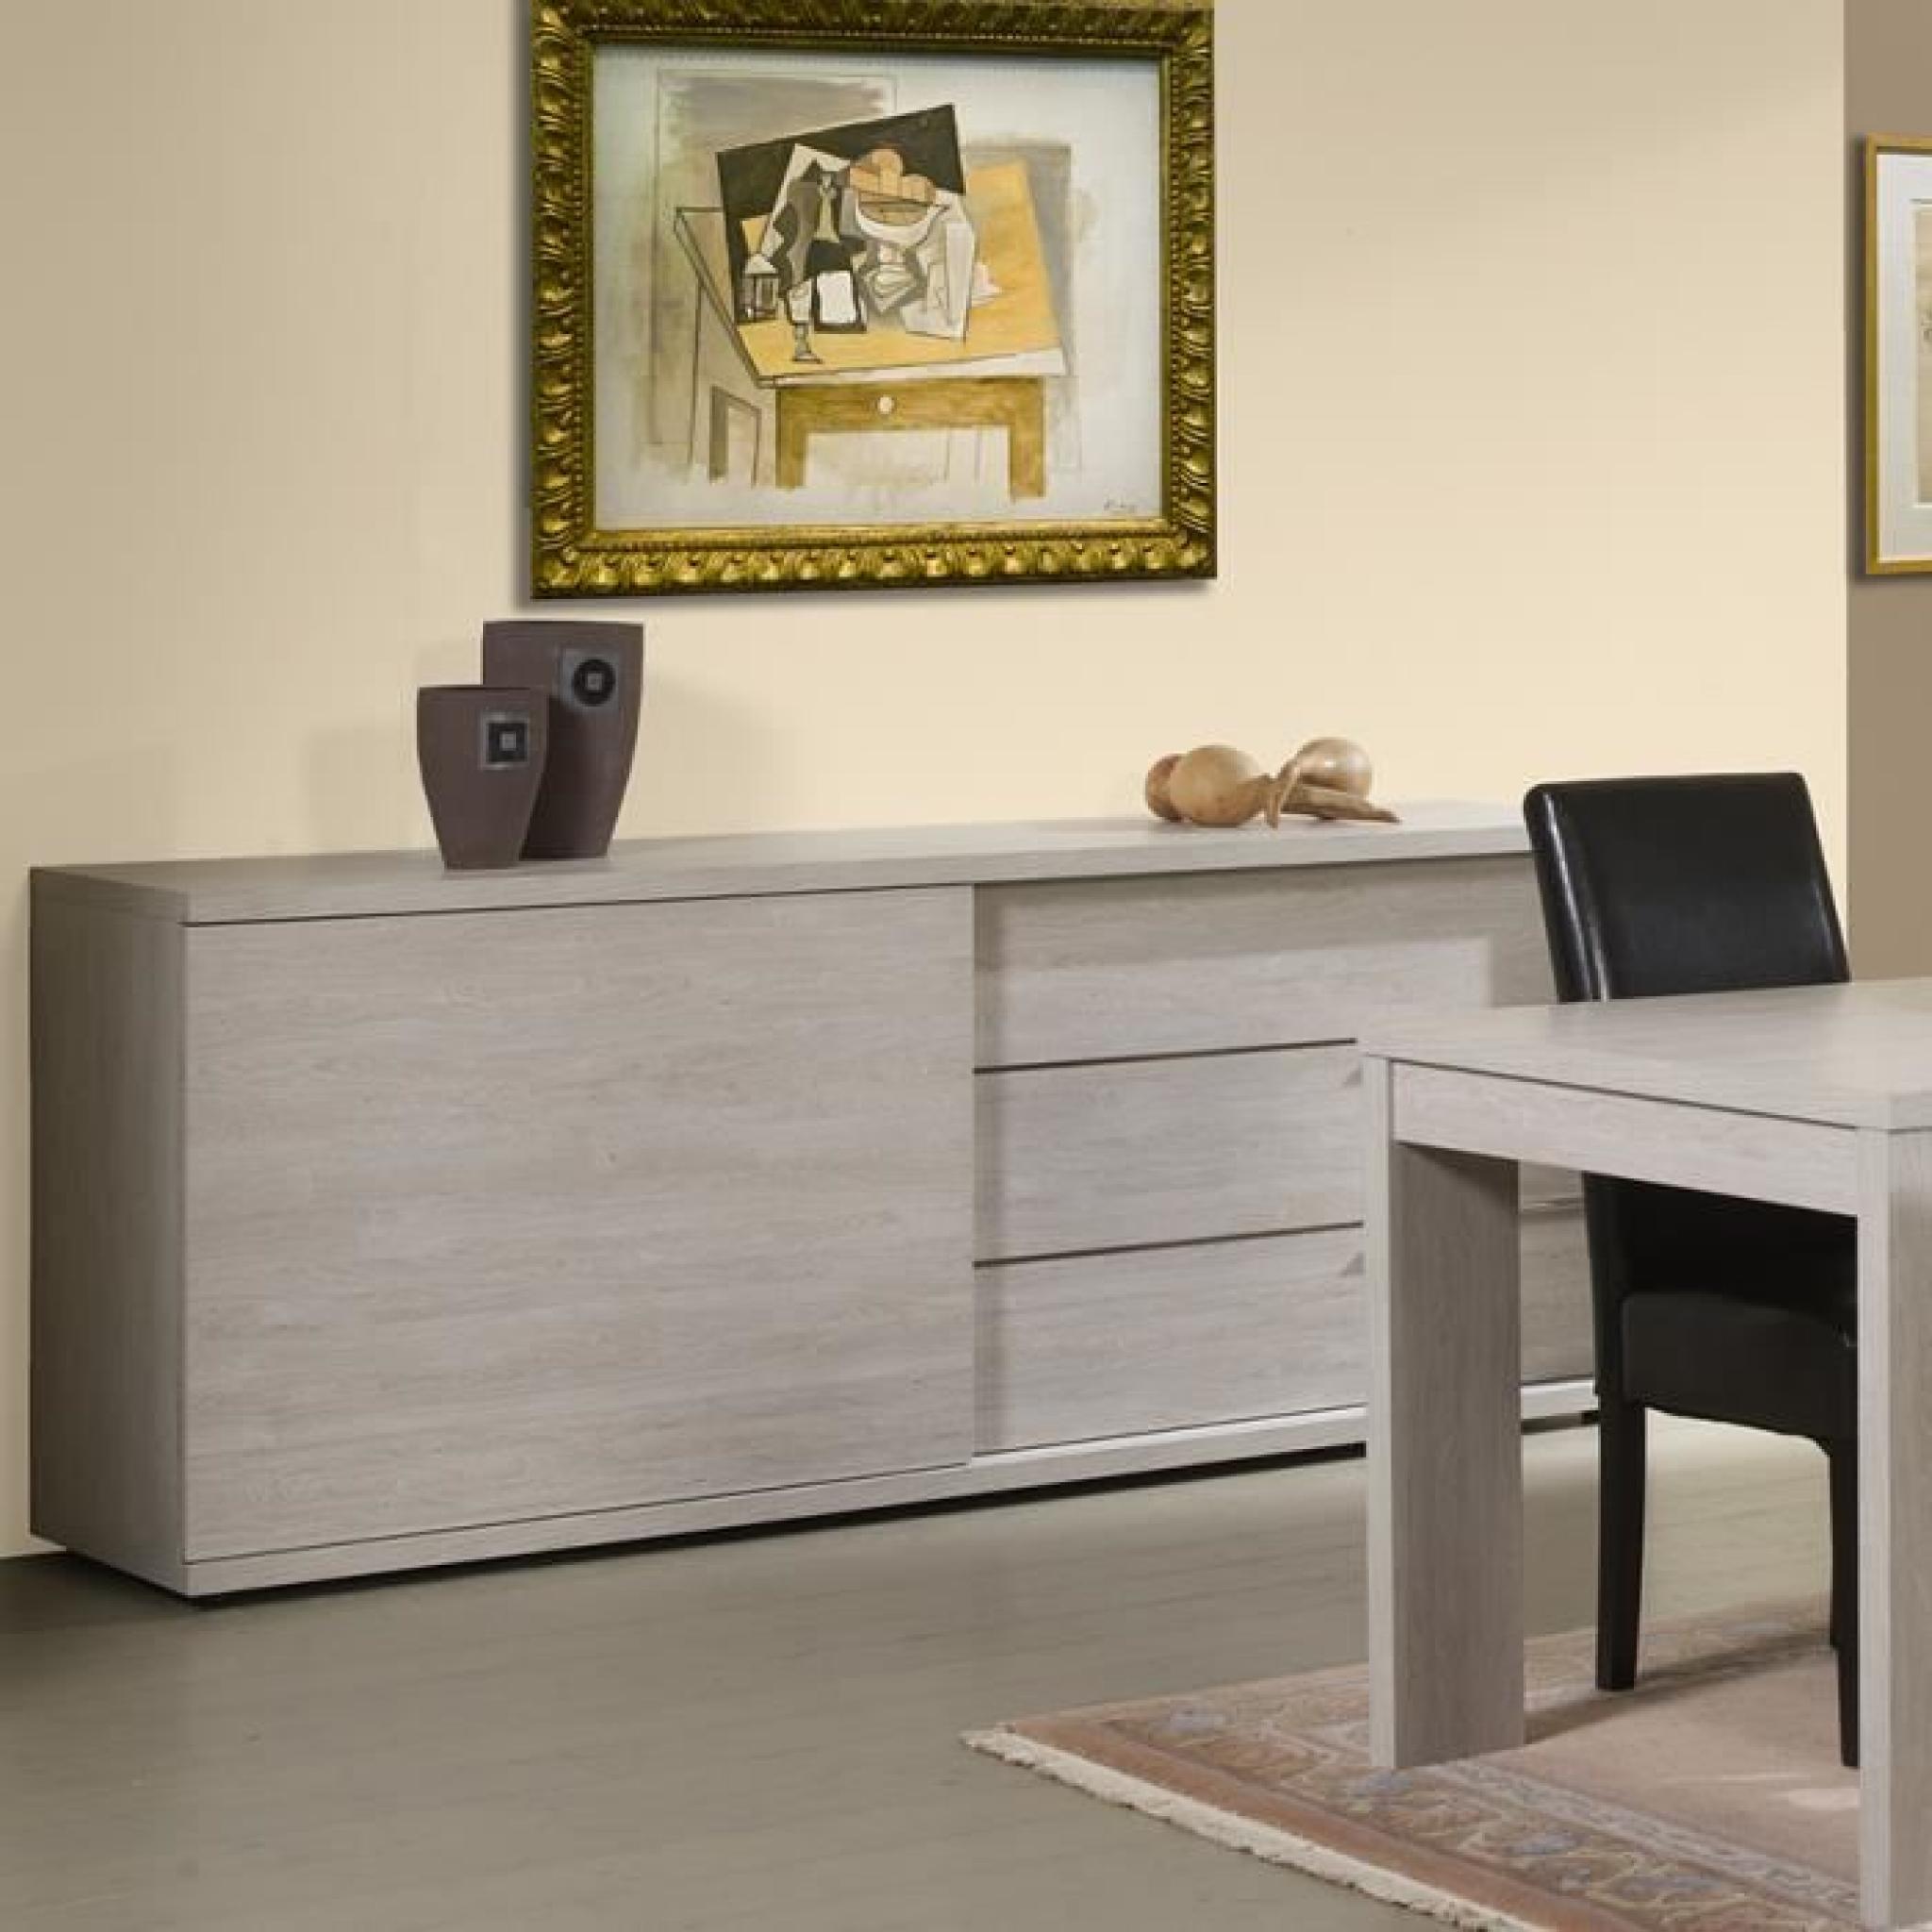 buffet bahut couleur ch ne gris ou ch ne blanchi contemporain ancone ch ne gris couleur. Black Bedroom Furniture Sets. Home Design Ideas